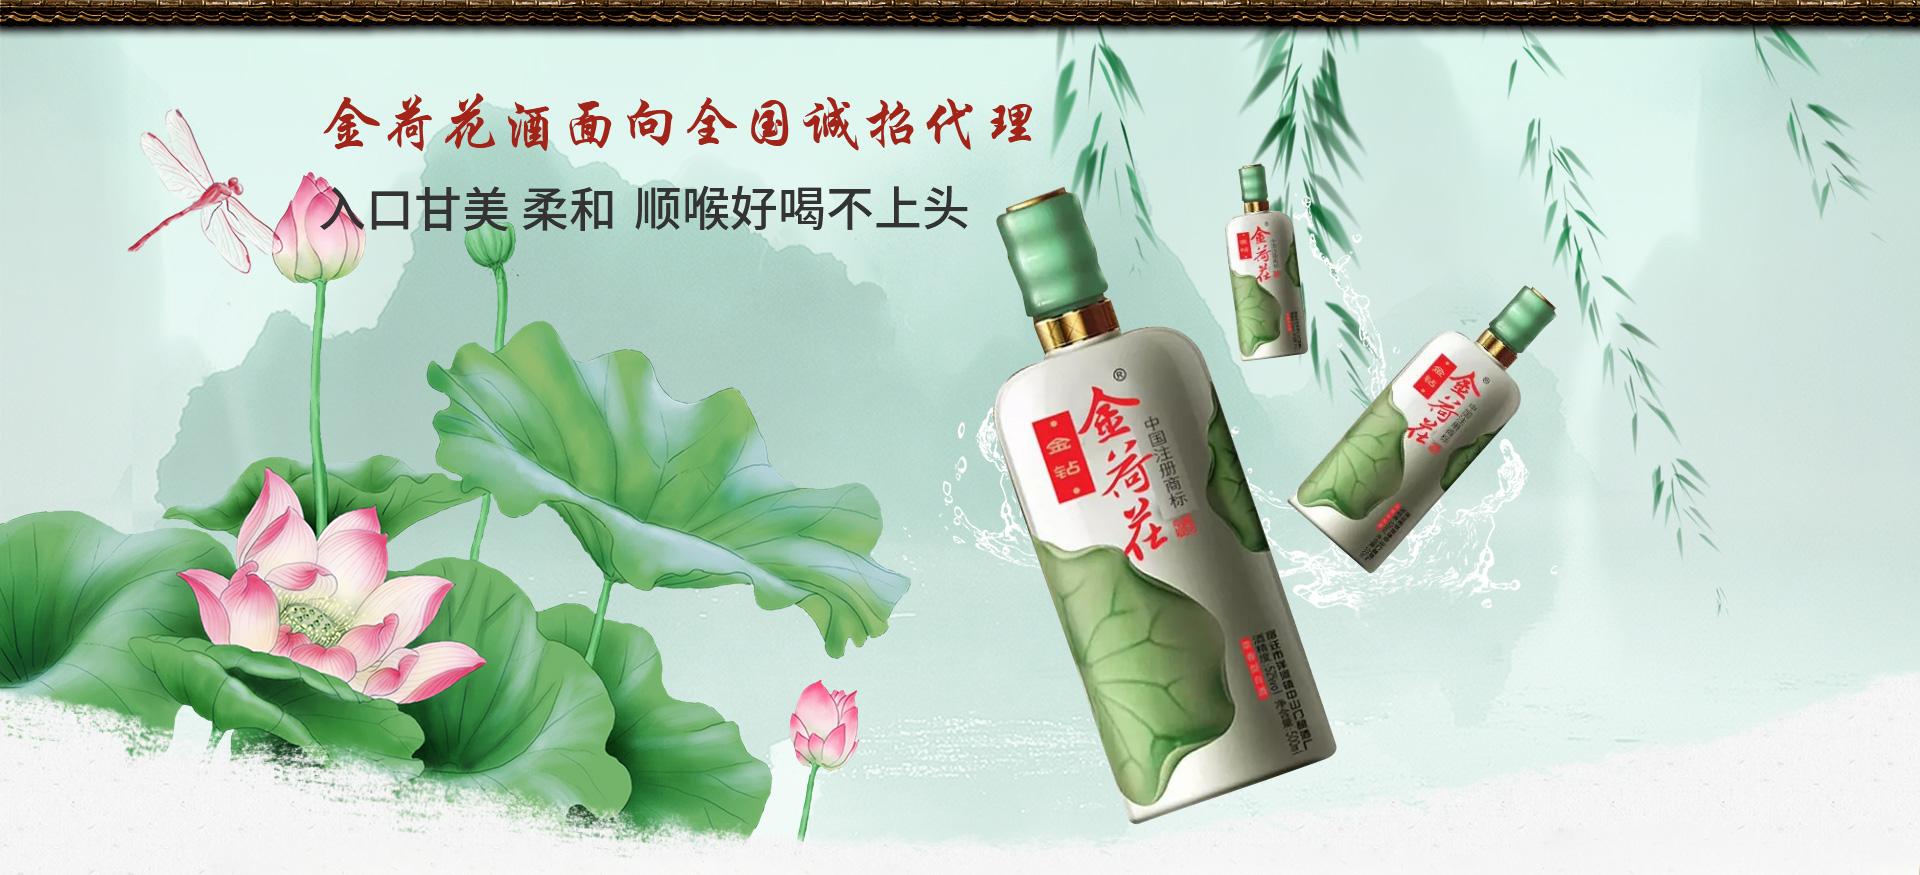 新疆白酒招商加盟